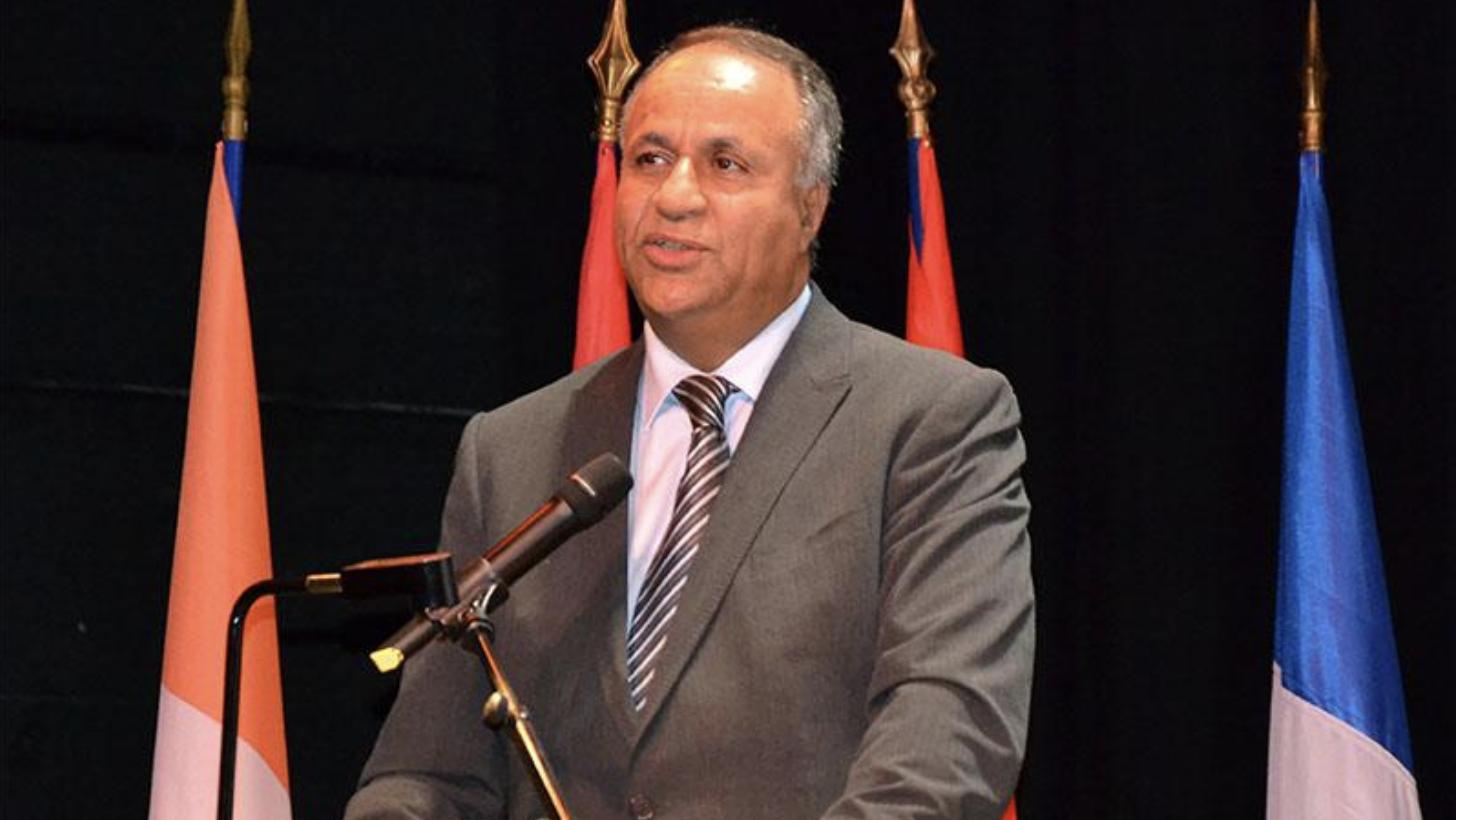 Les médias algériens systématiquement hostiles au Maroc et ses institutions (M. Benhammou)